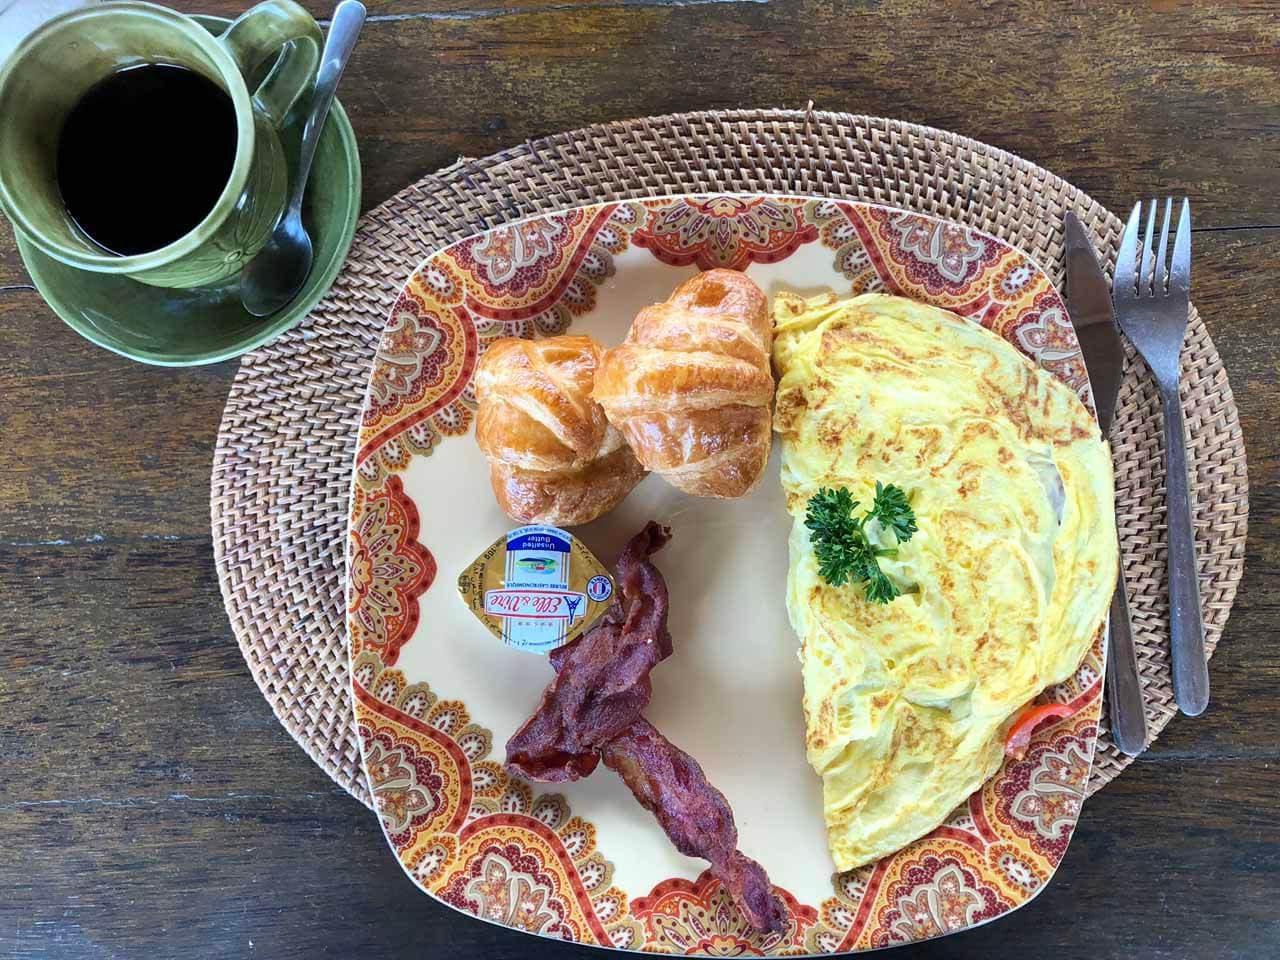 prato do café da manhã servido no hotel Boho Bingin